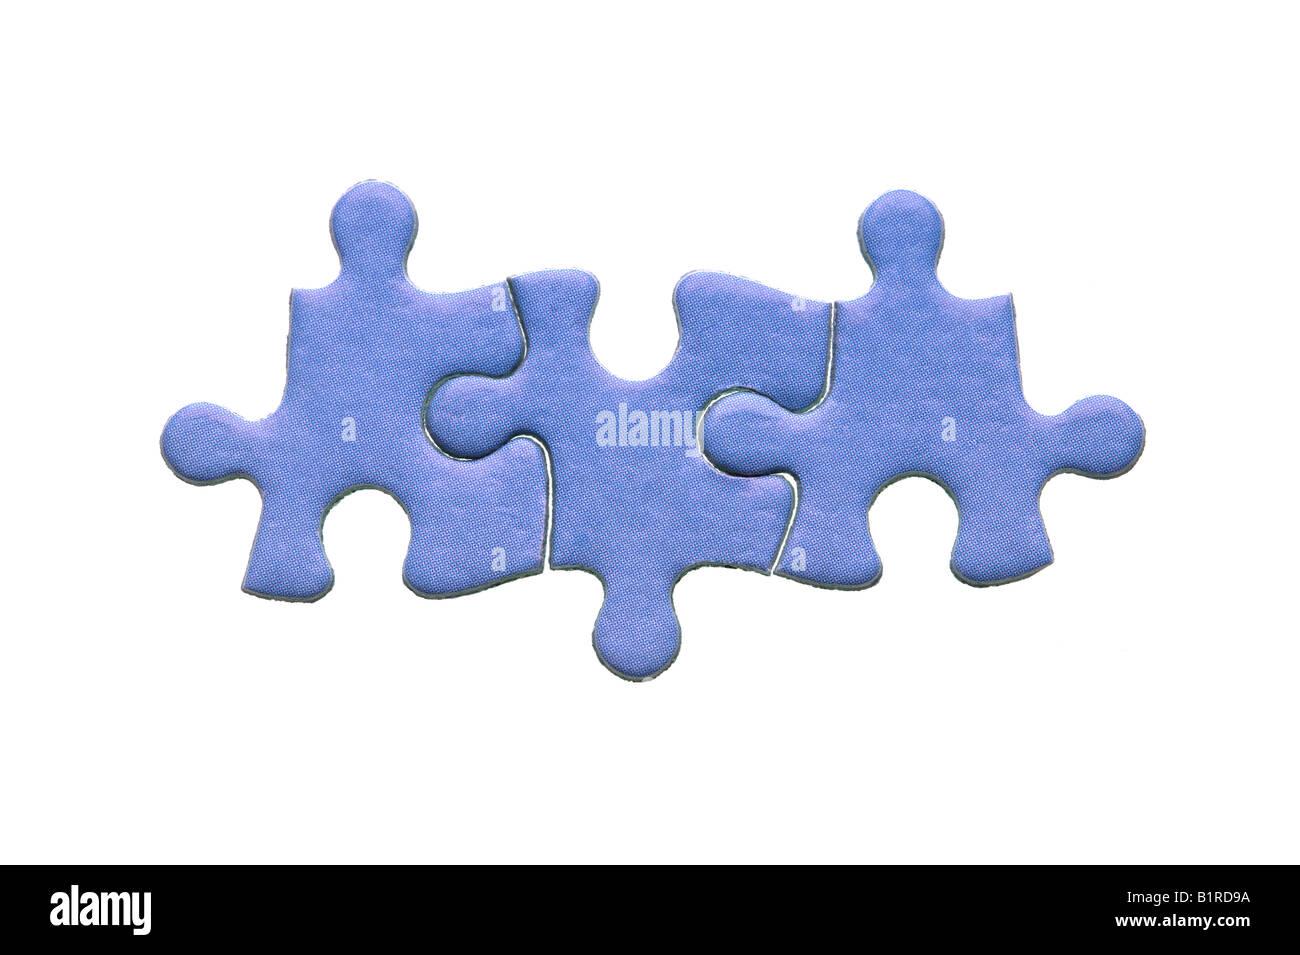 Azul de tres auténticas piezas de un rompecabezas aislado sobre un fondo blanco. Imagen De Stock